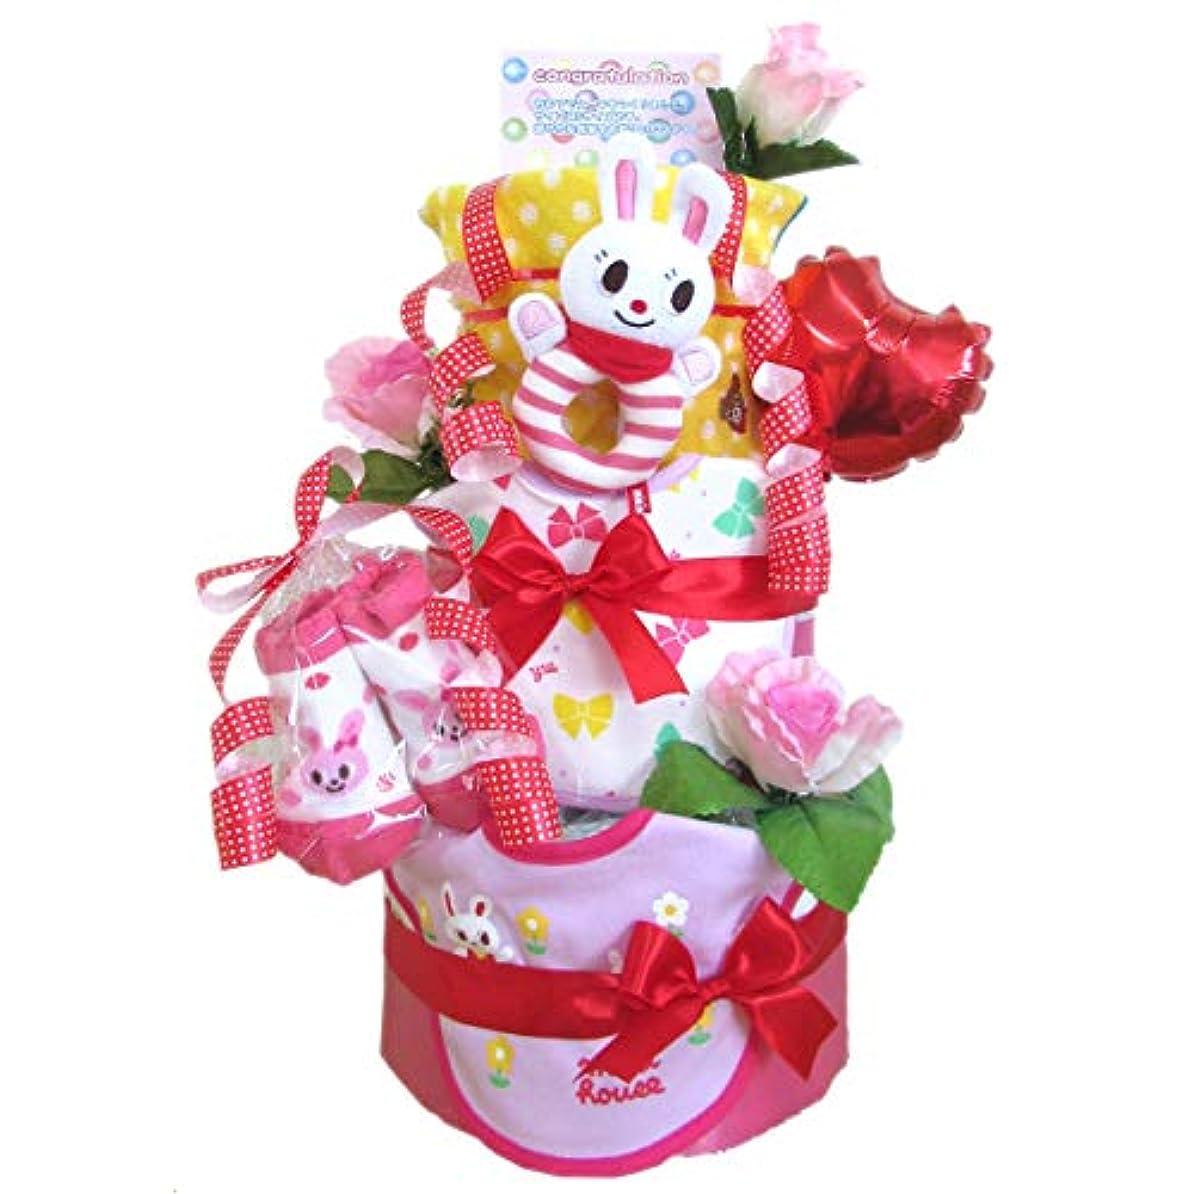 混合した作物ミキハウス mikiHOUSE おむつケーキ 大 パンパース 出産祝い スマイルポップ (レッド(女の子), おむつS(38枚))